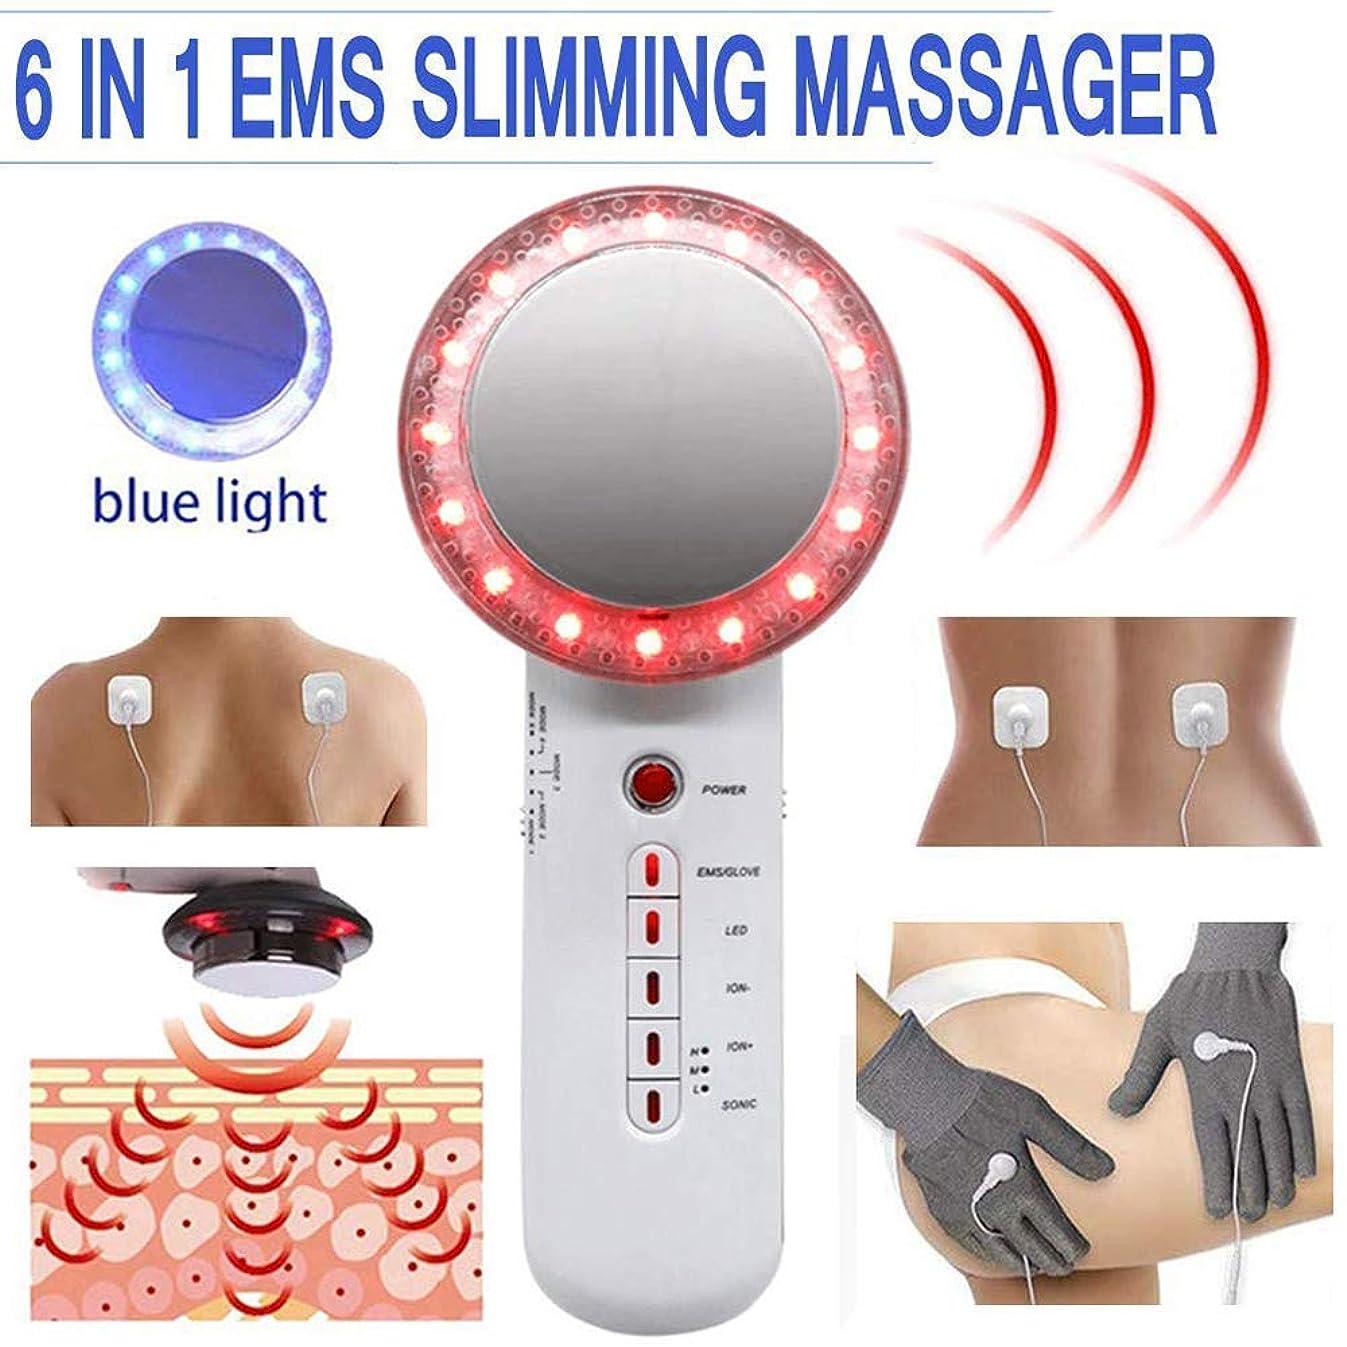 パントリー大邸宅注入6で1多機能顔体Slim身デバイス、腕脚腰ヒップマッサージ顔の皮膚のリフティング引き締めのためのマシンをスリミングしわ脂肪除去